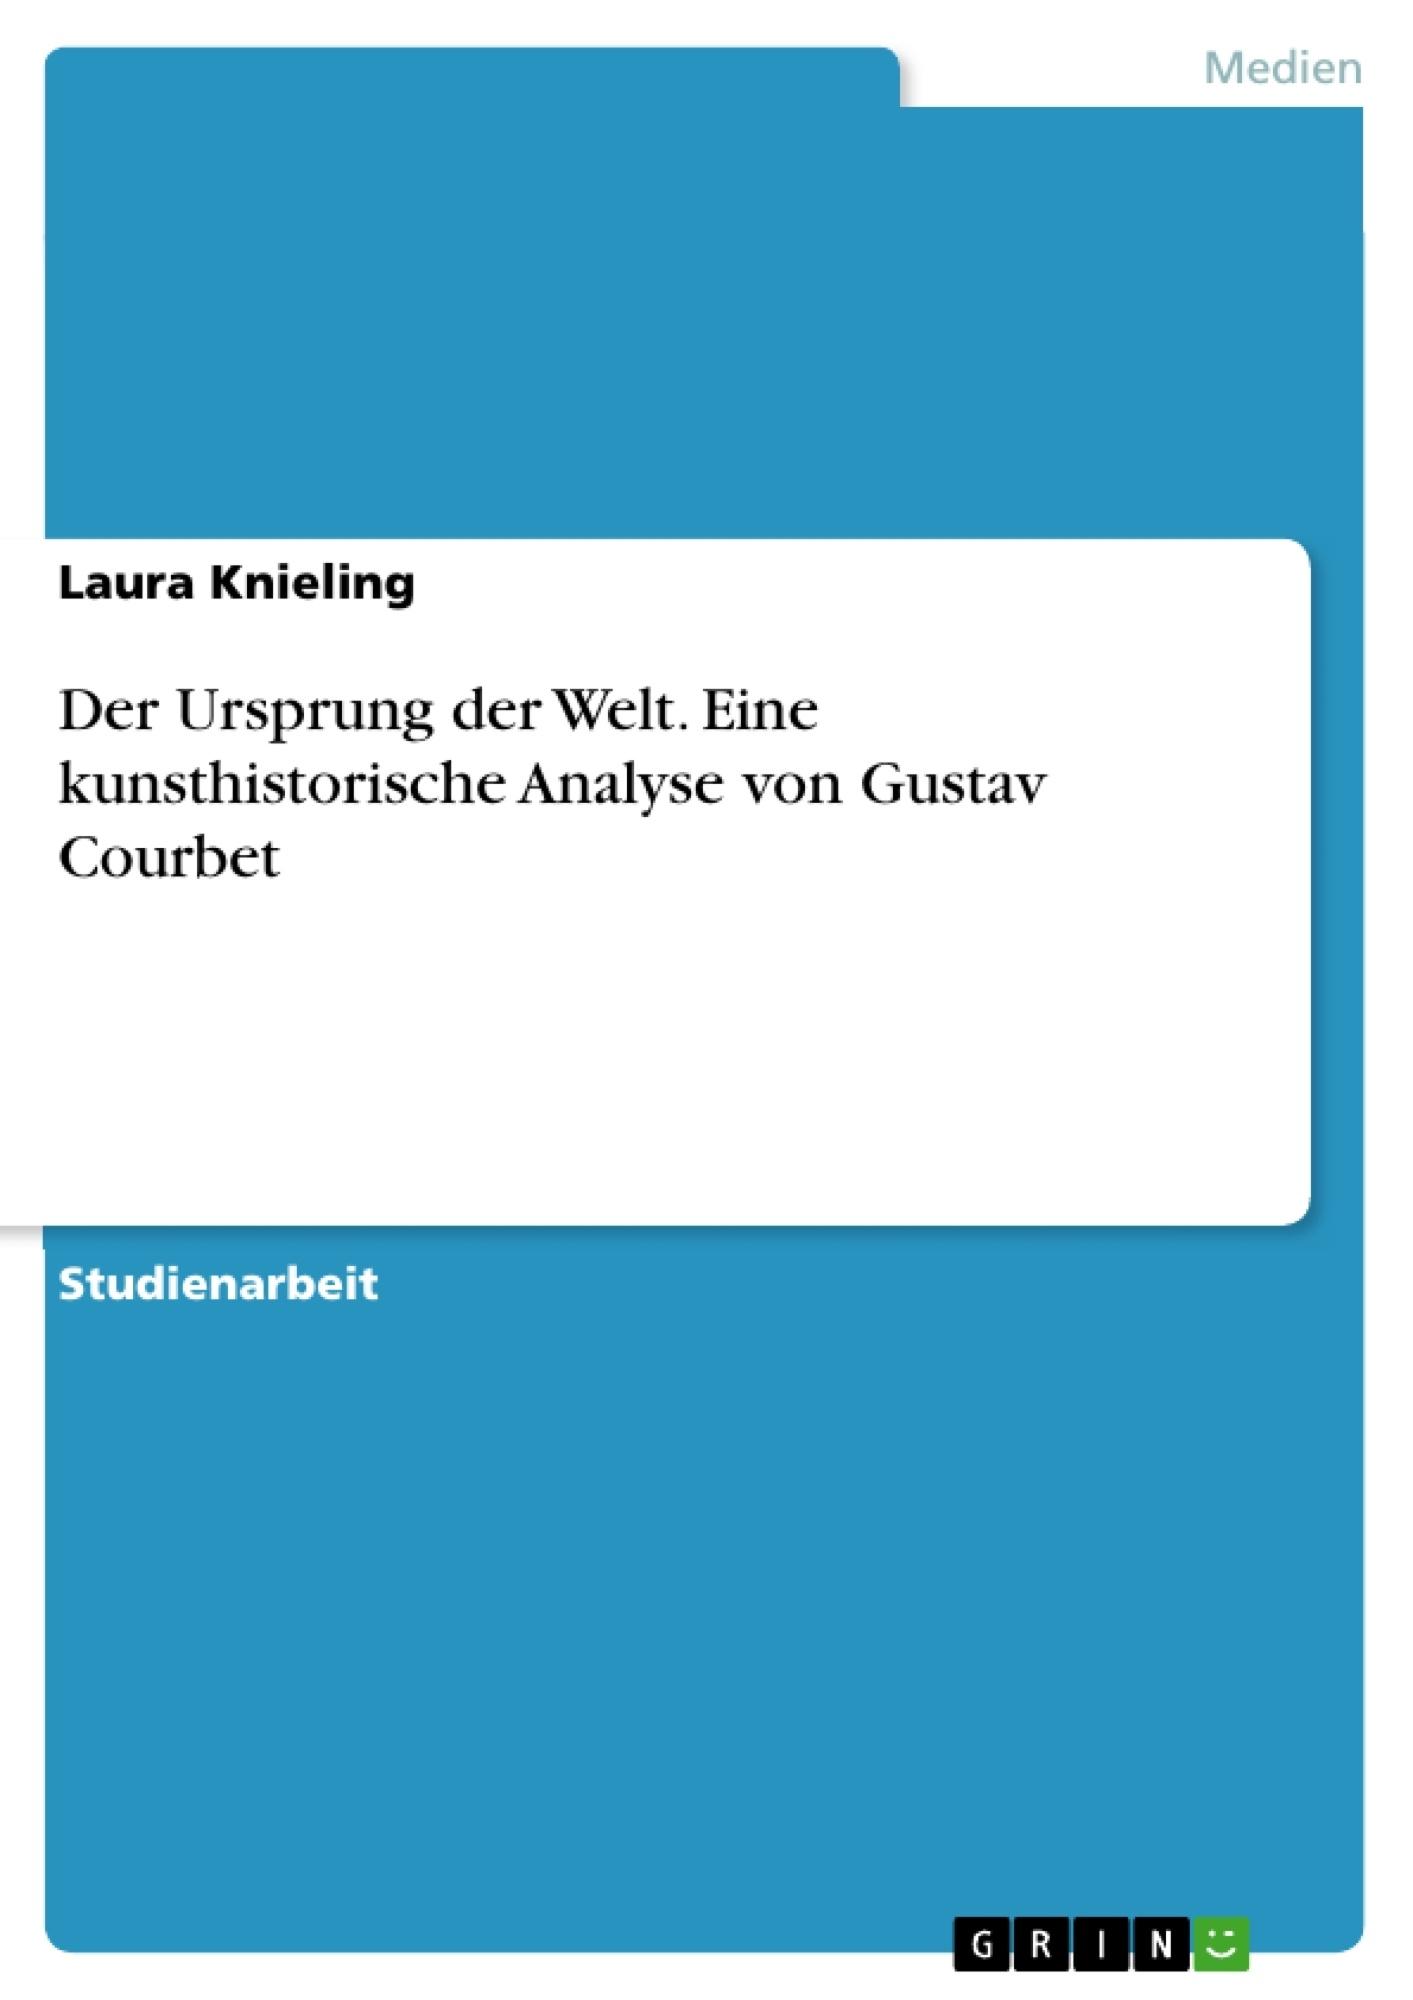 Titel: Der Ursprung der Welt. Eine kunsthistorische Analyse von Gustav Courbet